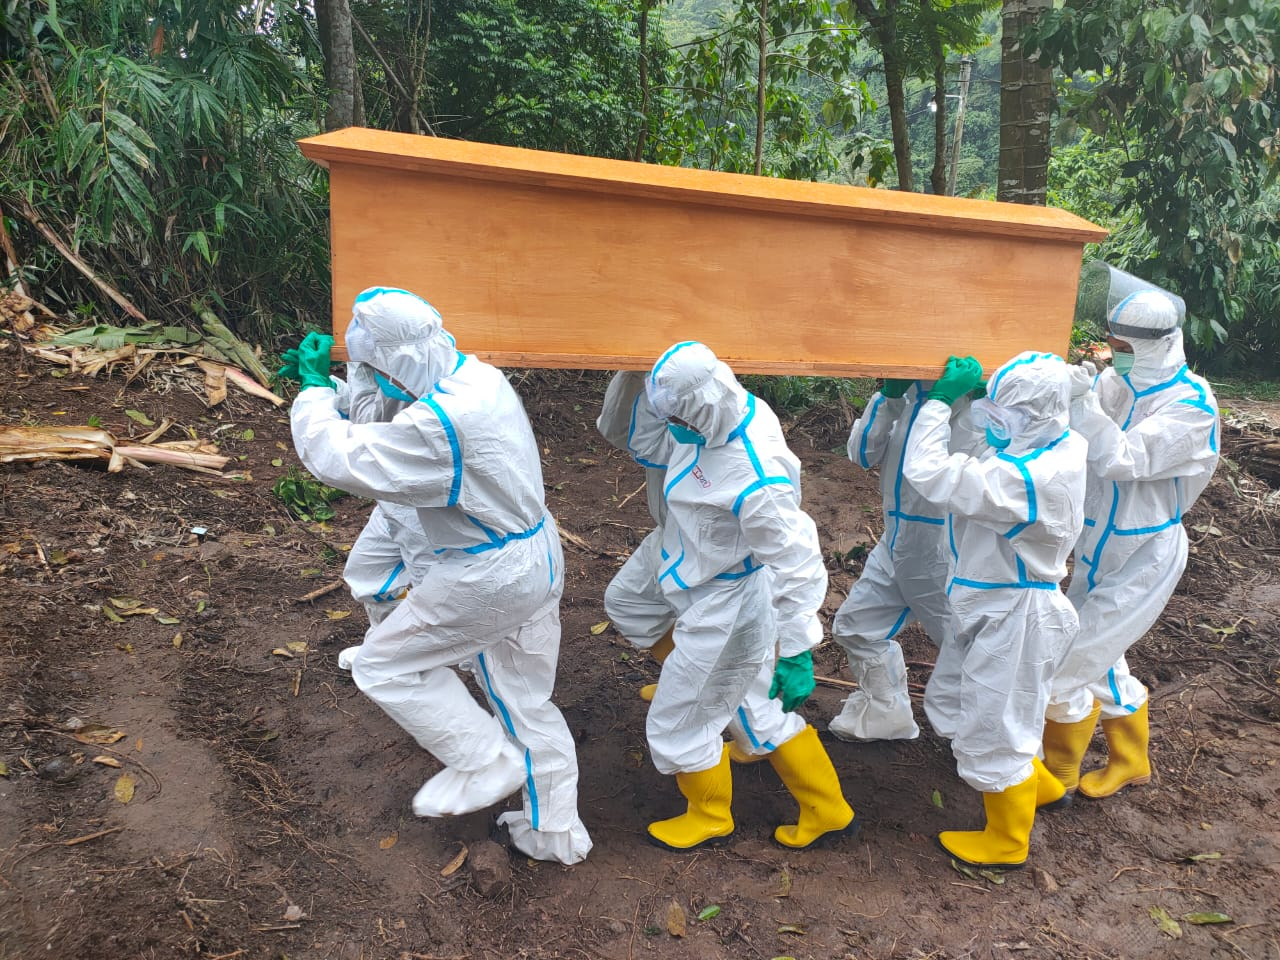 Pasiops Kodim 0410/KBL Kapten Inf Dja'far menghadiri kegiatan pemakaman jenazah di TPU Umbul Kunci